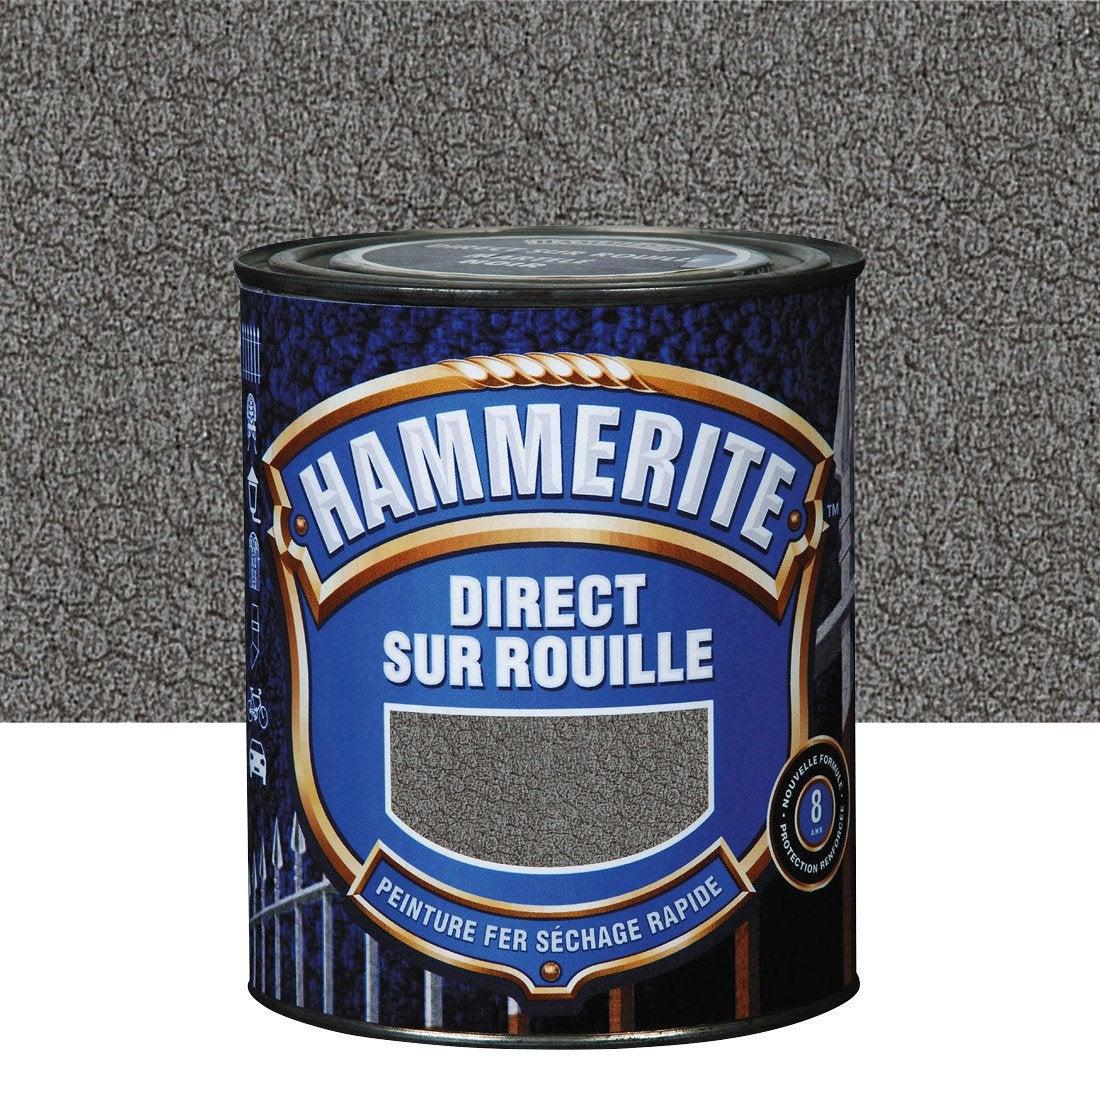 Peinture fer ext rieur hammerite gris ardoise l for Peinture facade gris ardoise